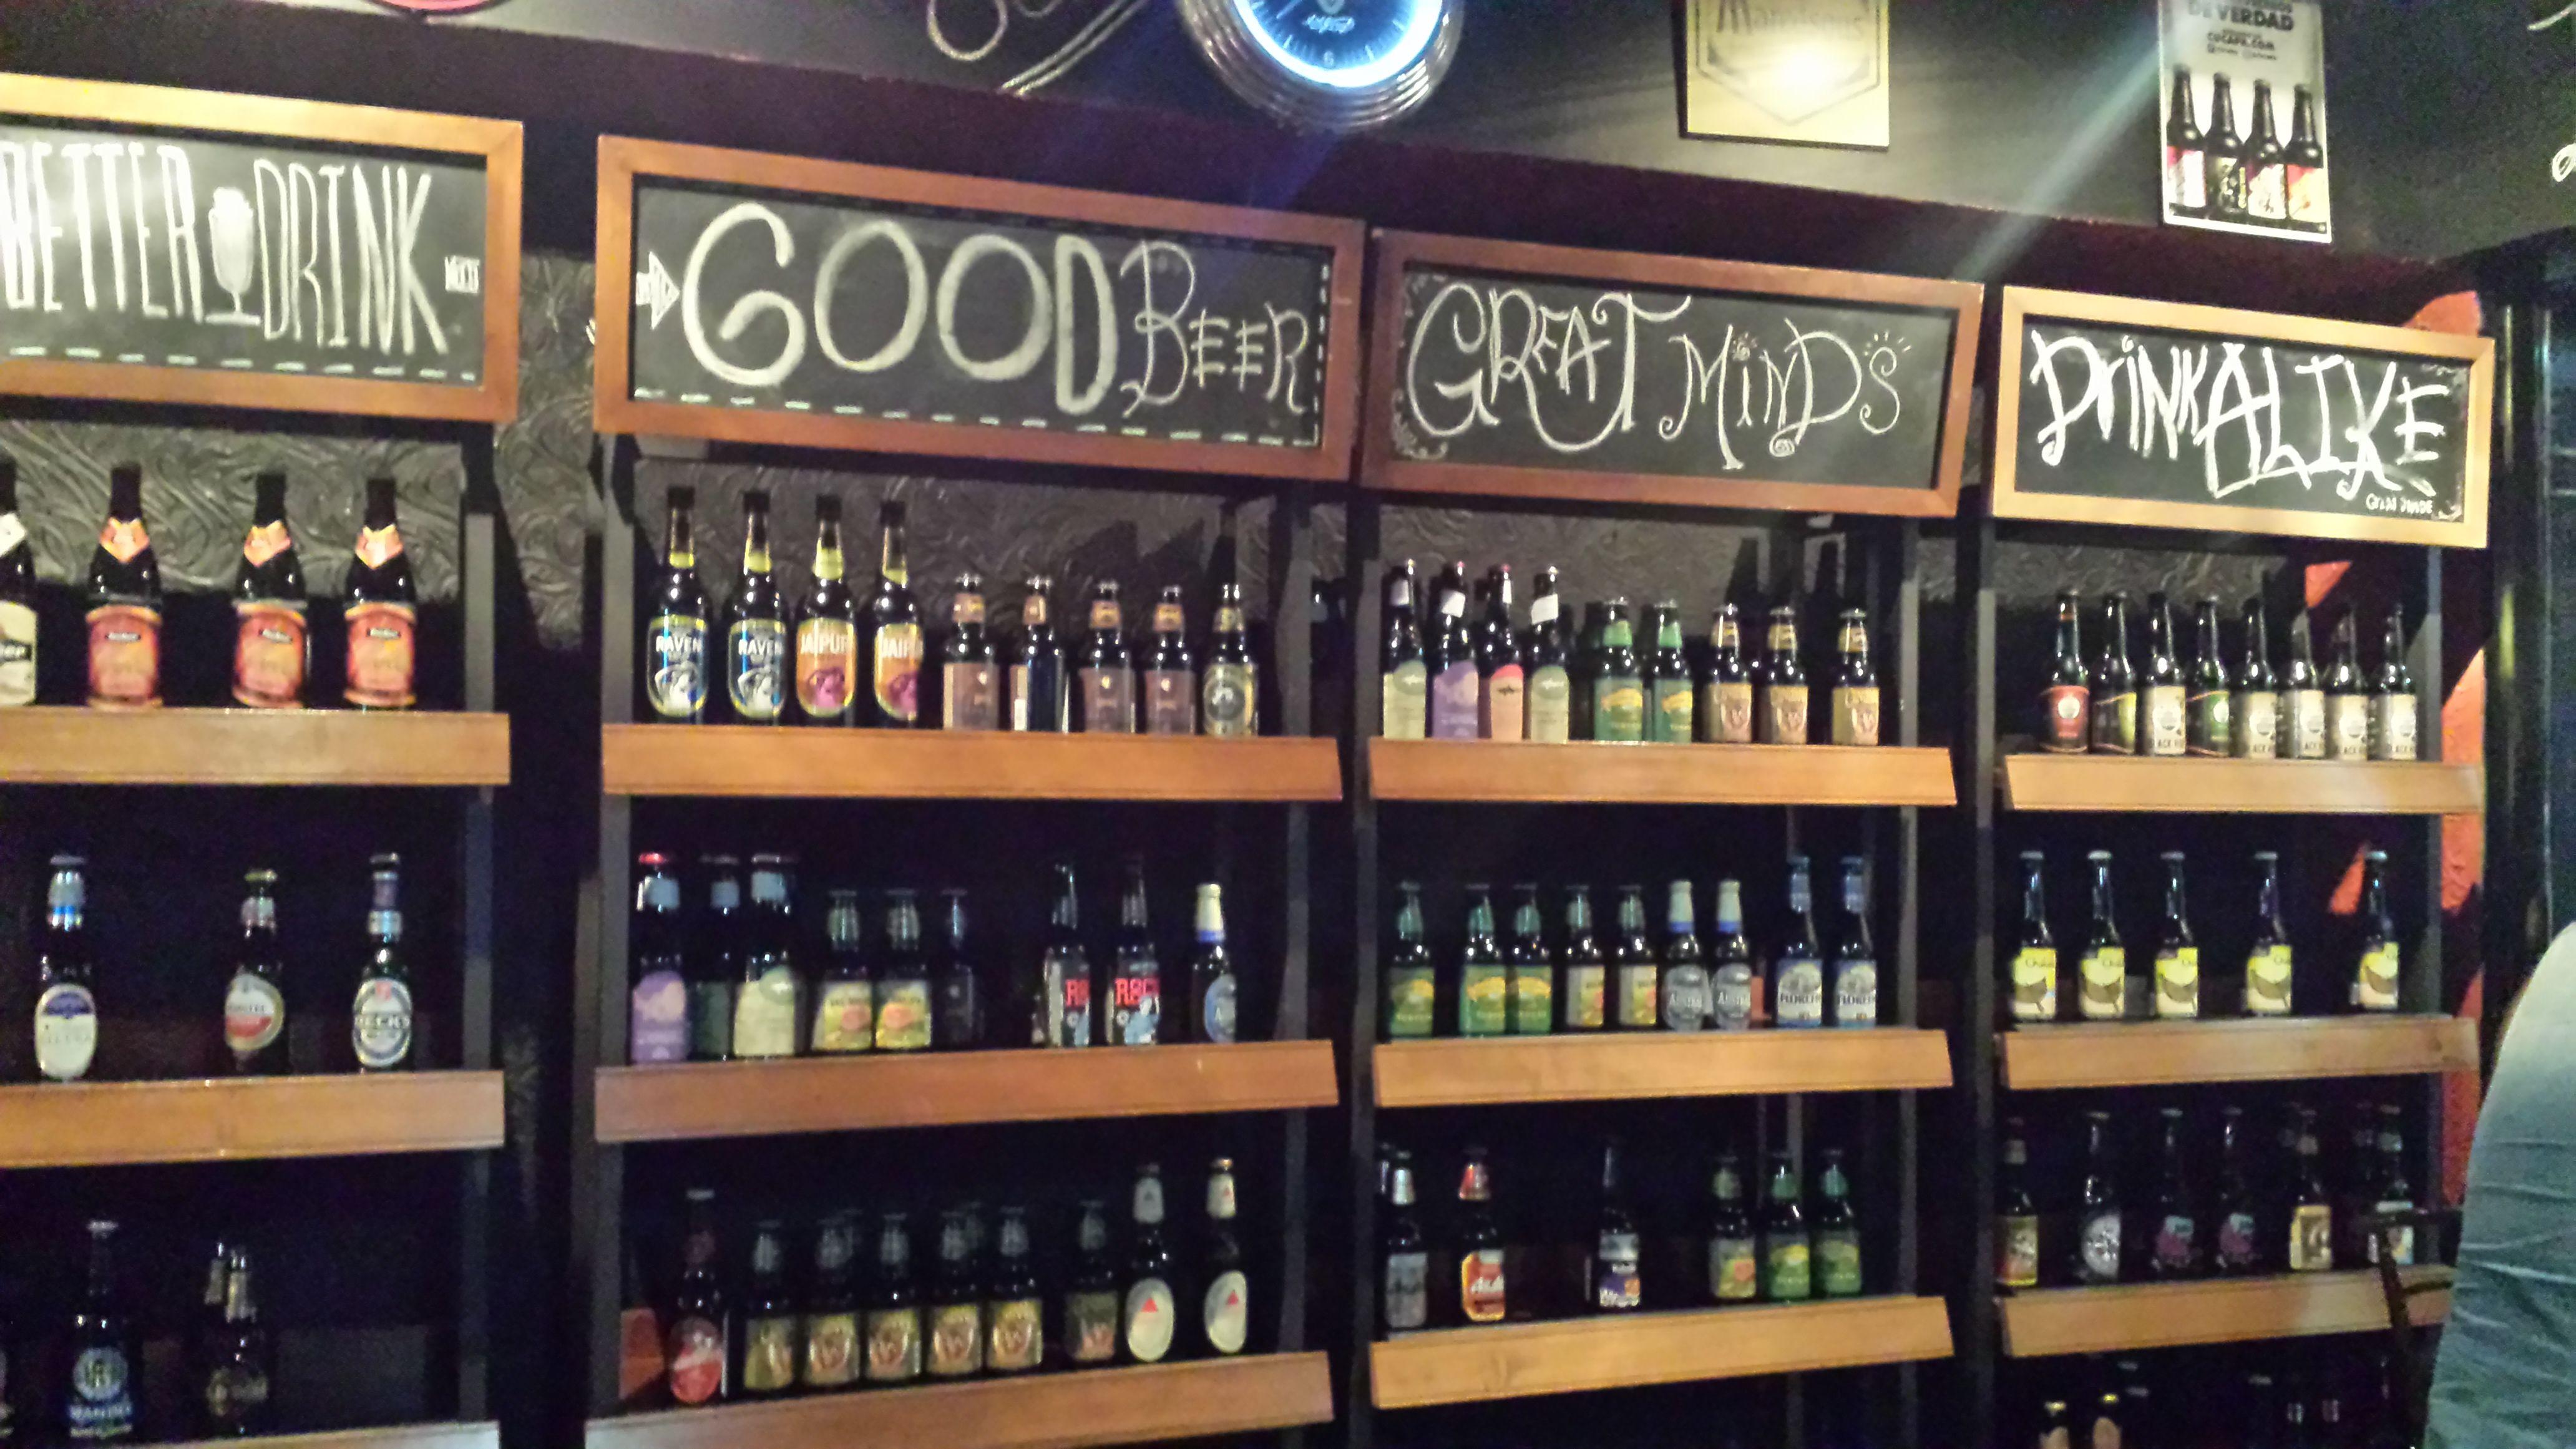 Local De Venta De Cerveza Buscar Con Google Beer Shop Beer Store Liquor Store